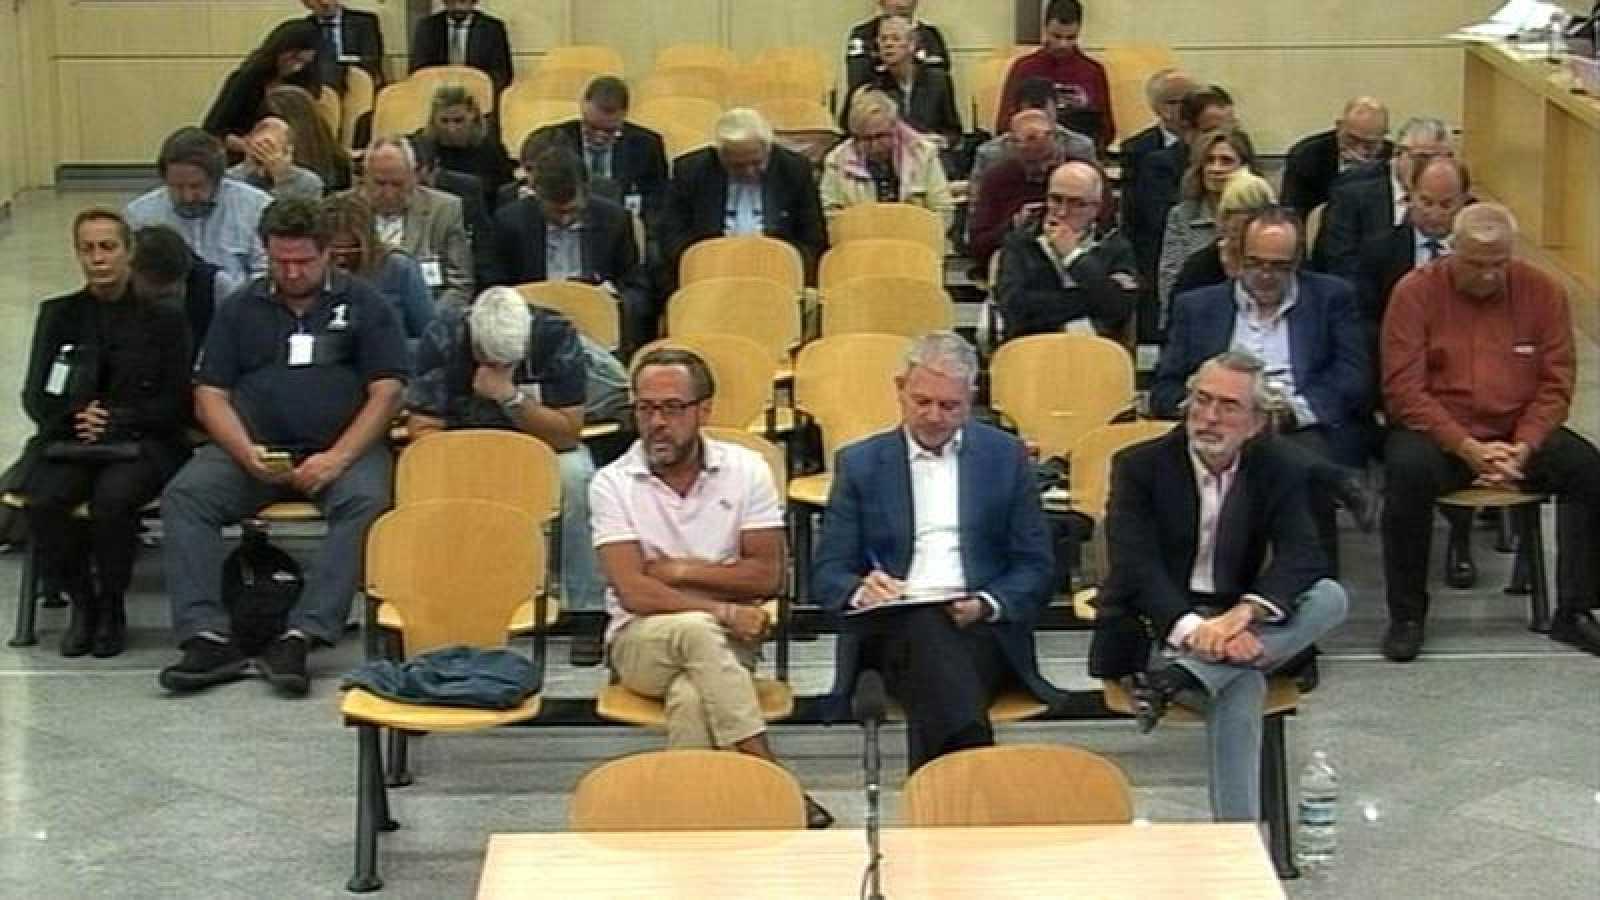 Los acusados del caso Gürtel durante el juicio en la Audiencia Nacional